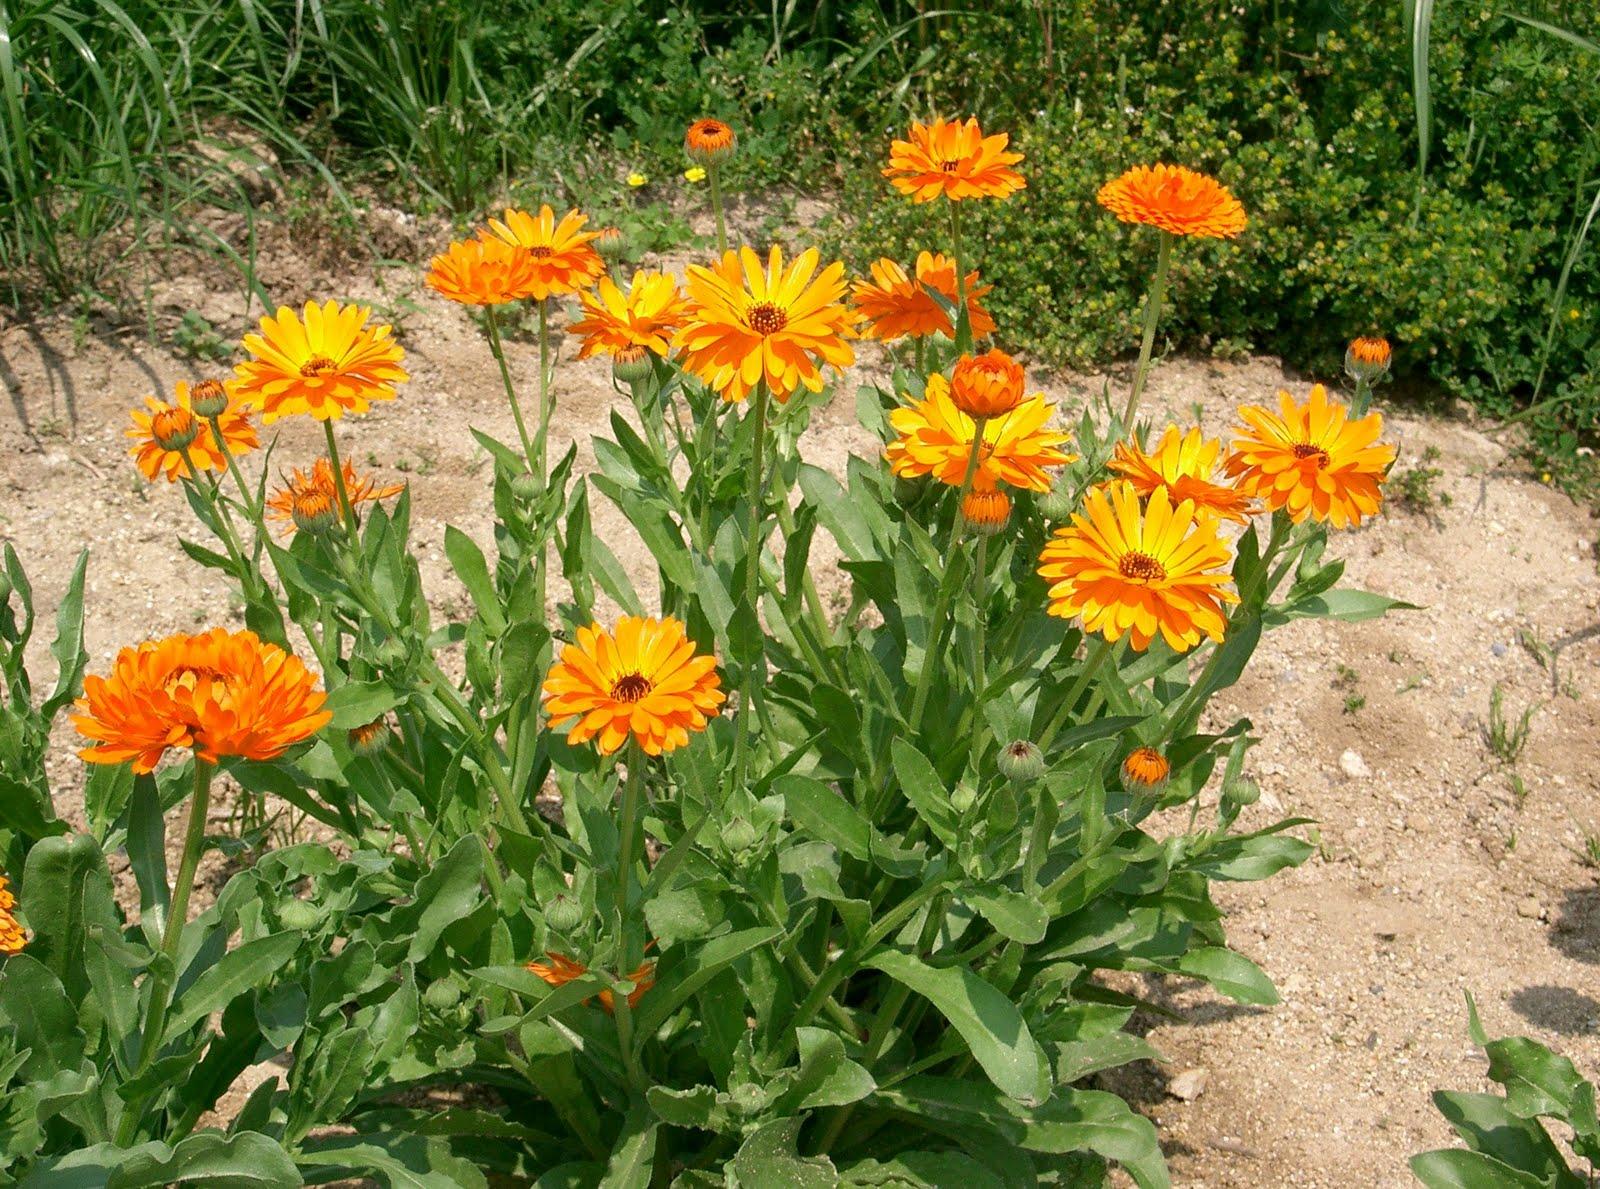 Plantas úteis para acabar com os animais prejudiciais na sua horta